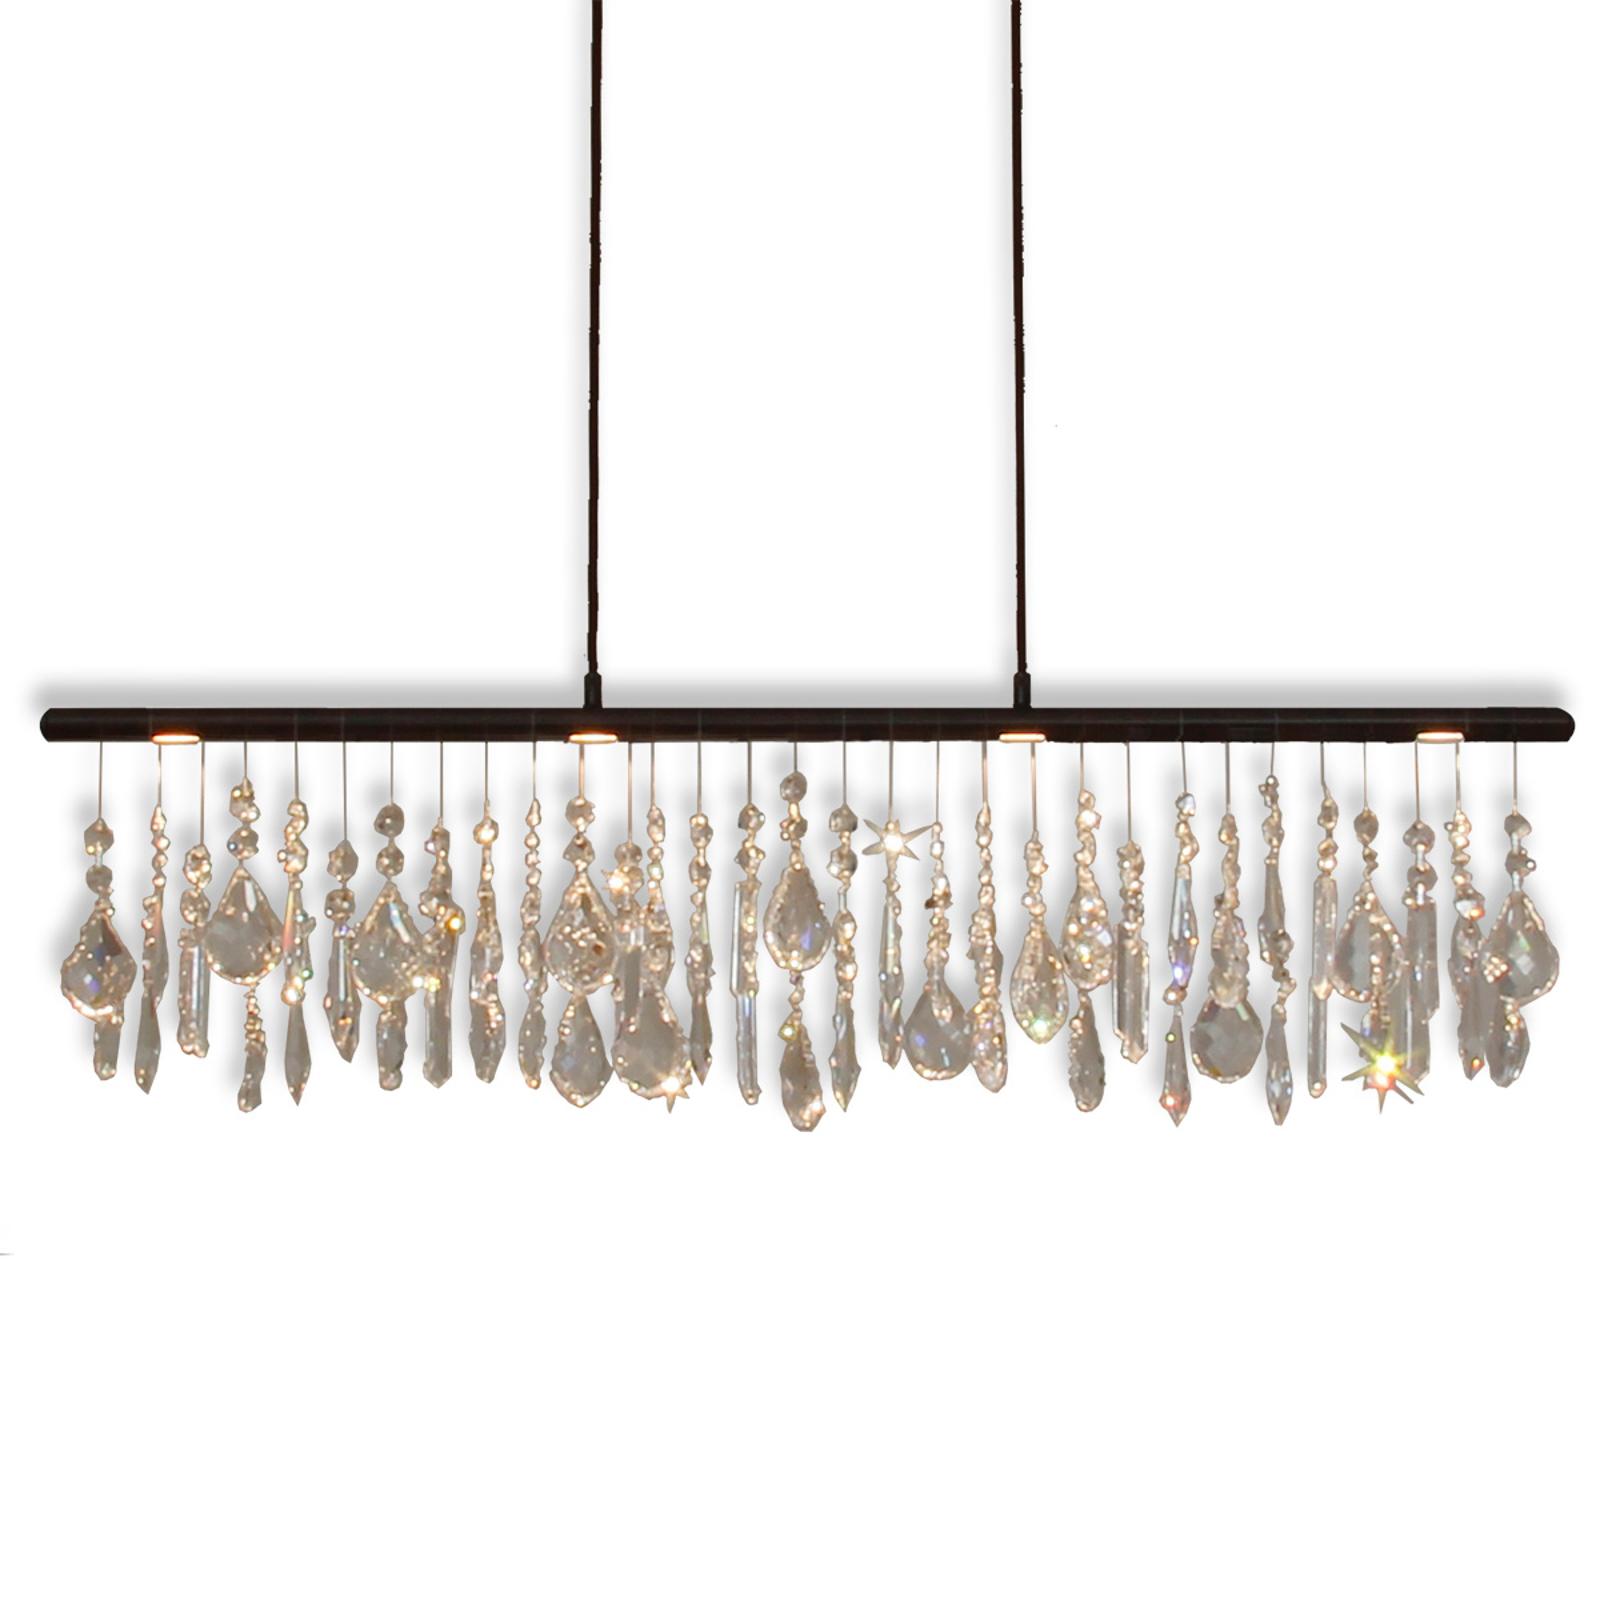 Acquista Menzel Anteo sospensione LED con cristalli